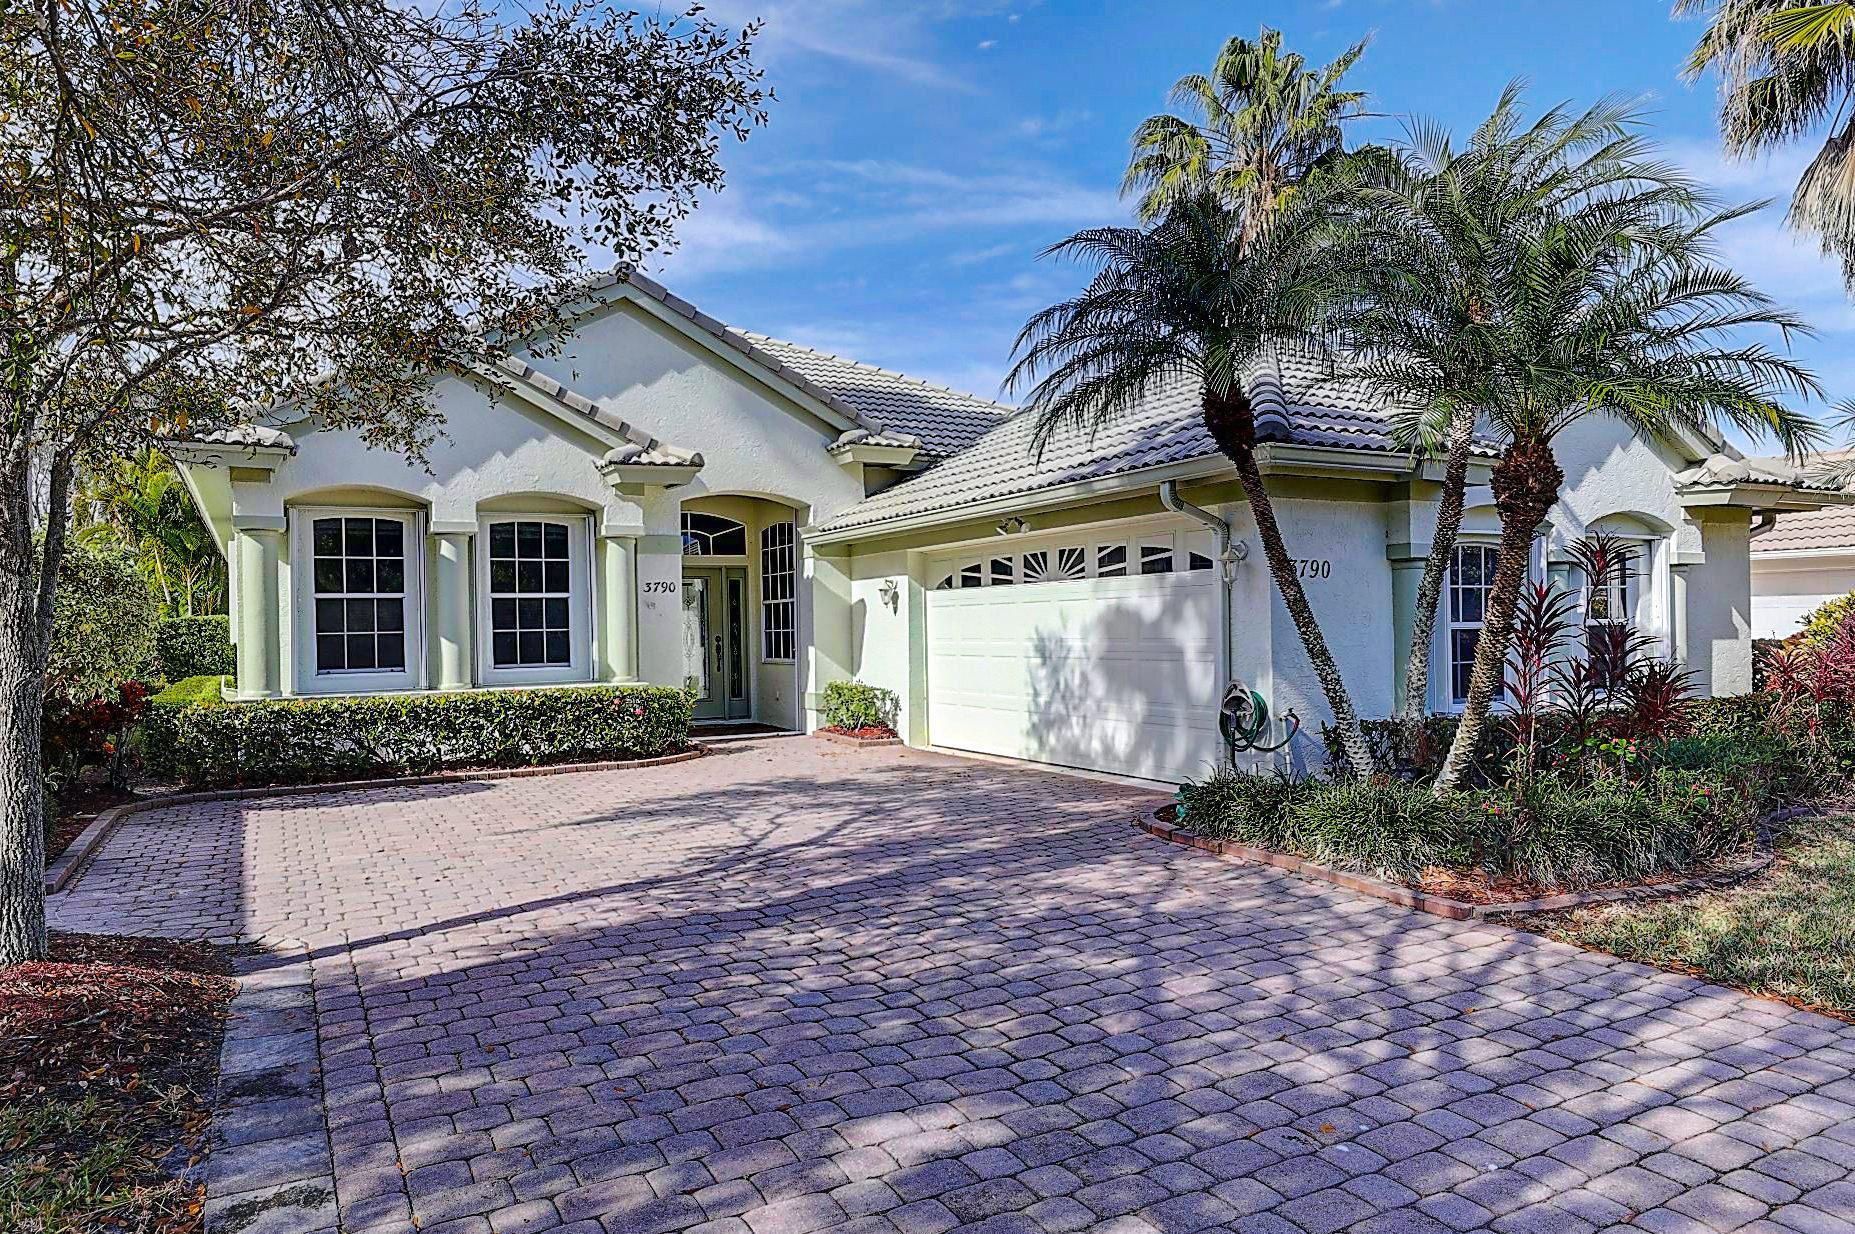 3790 NW Royal Oak Drive, Jensen Beach, FL 34957 - #: RX-10685678